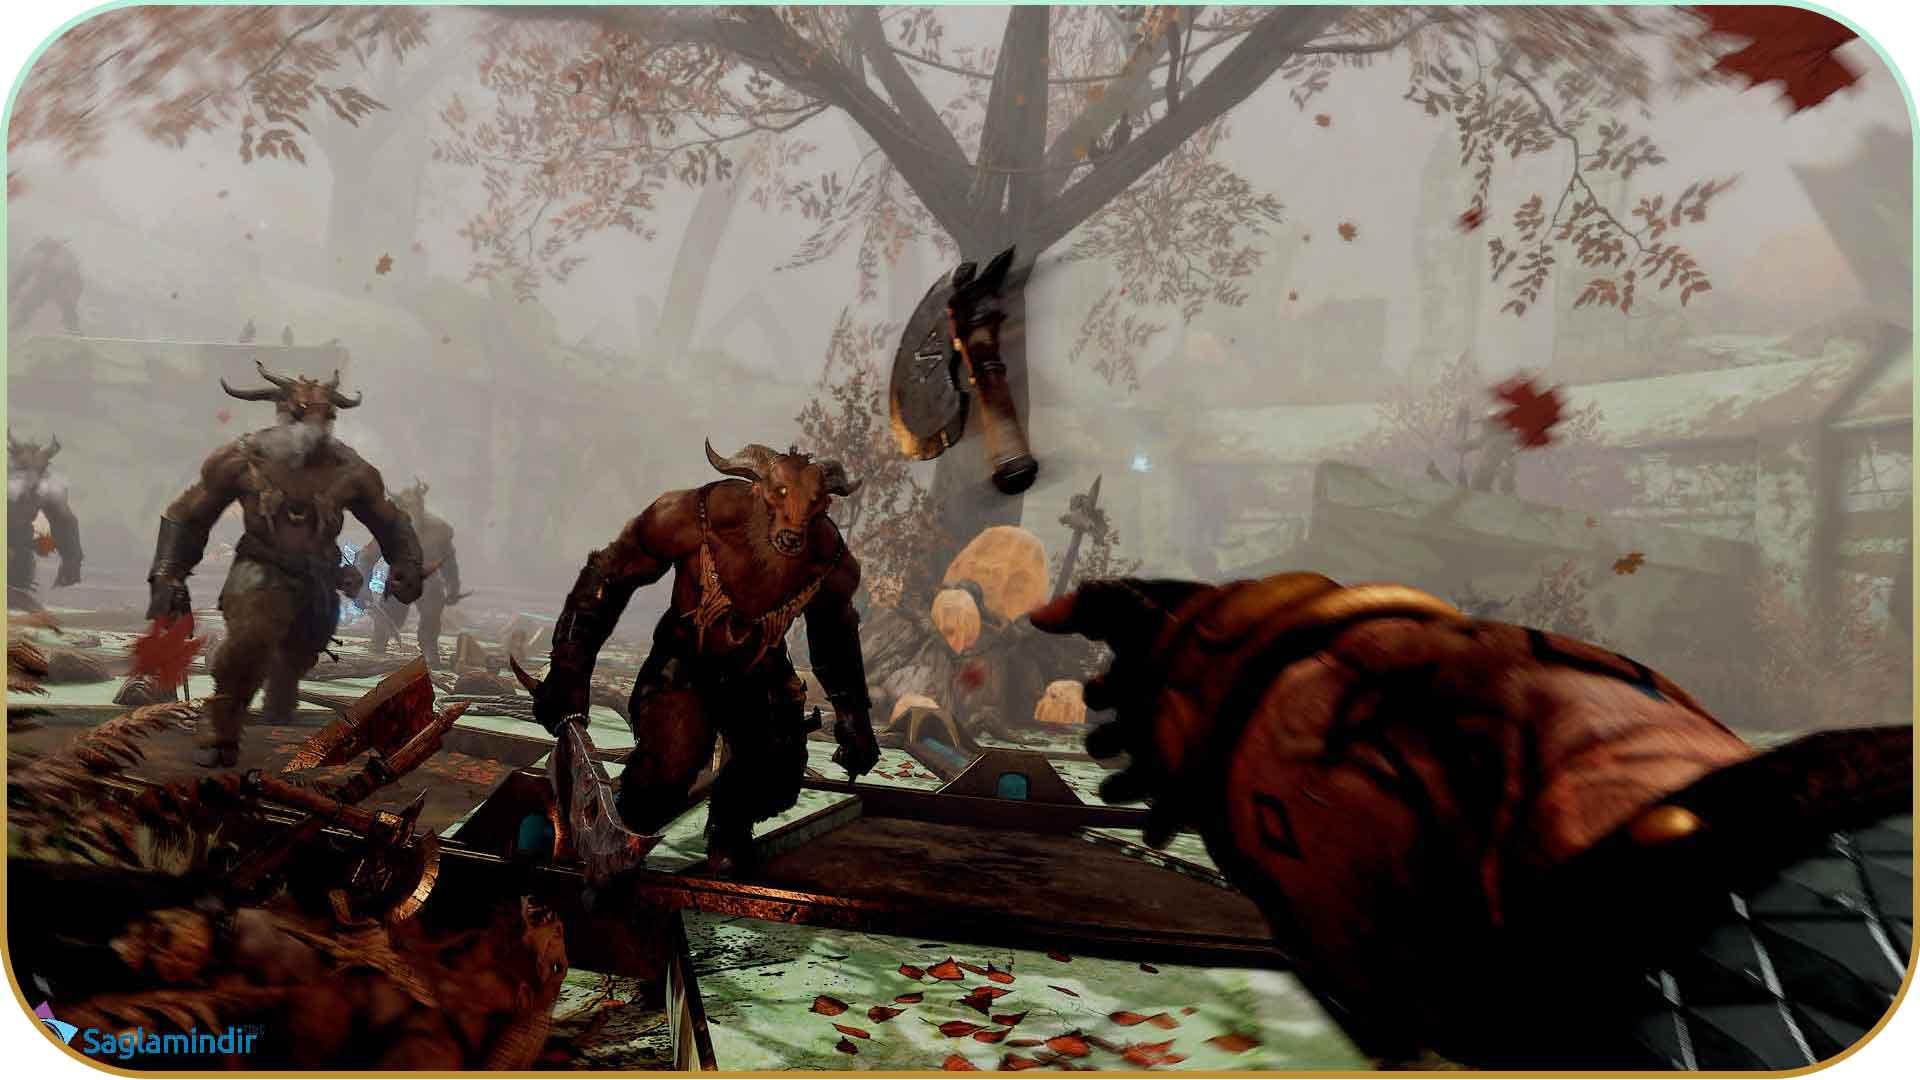 Warhammer Vermintide 2 saglamindir